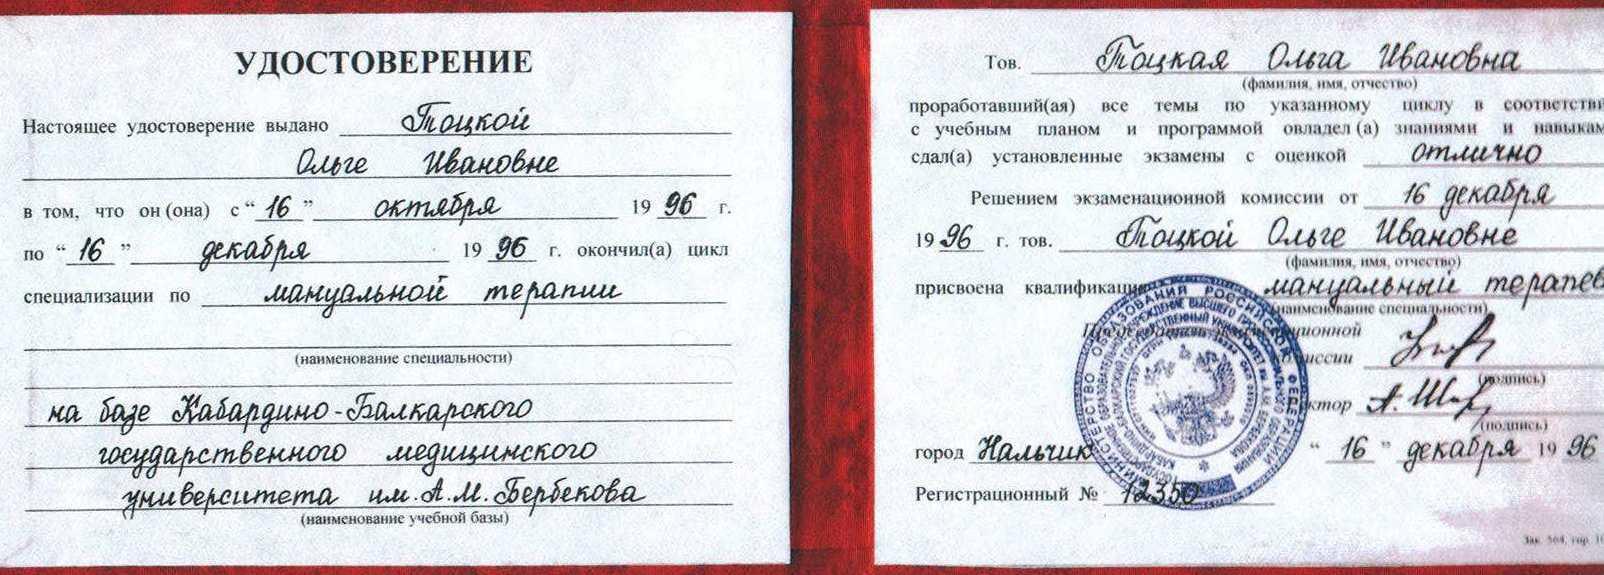 Удостоверение о получении квалификации мануального терапевта